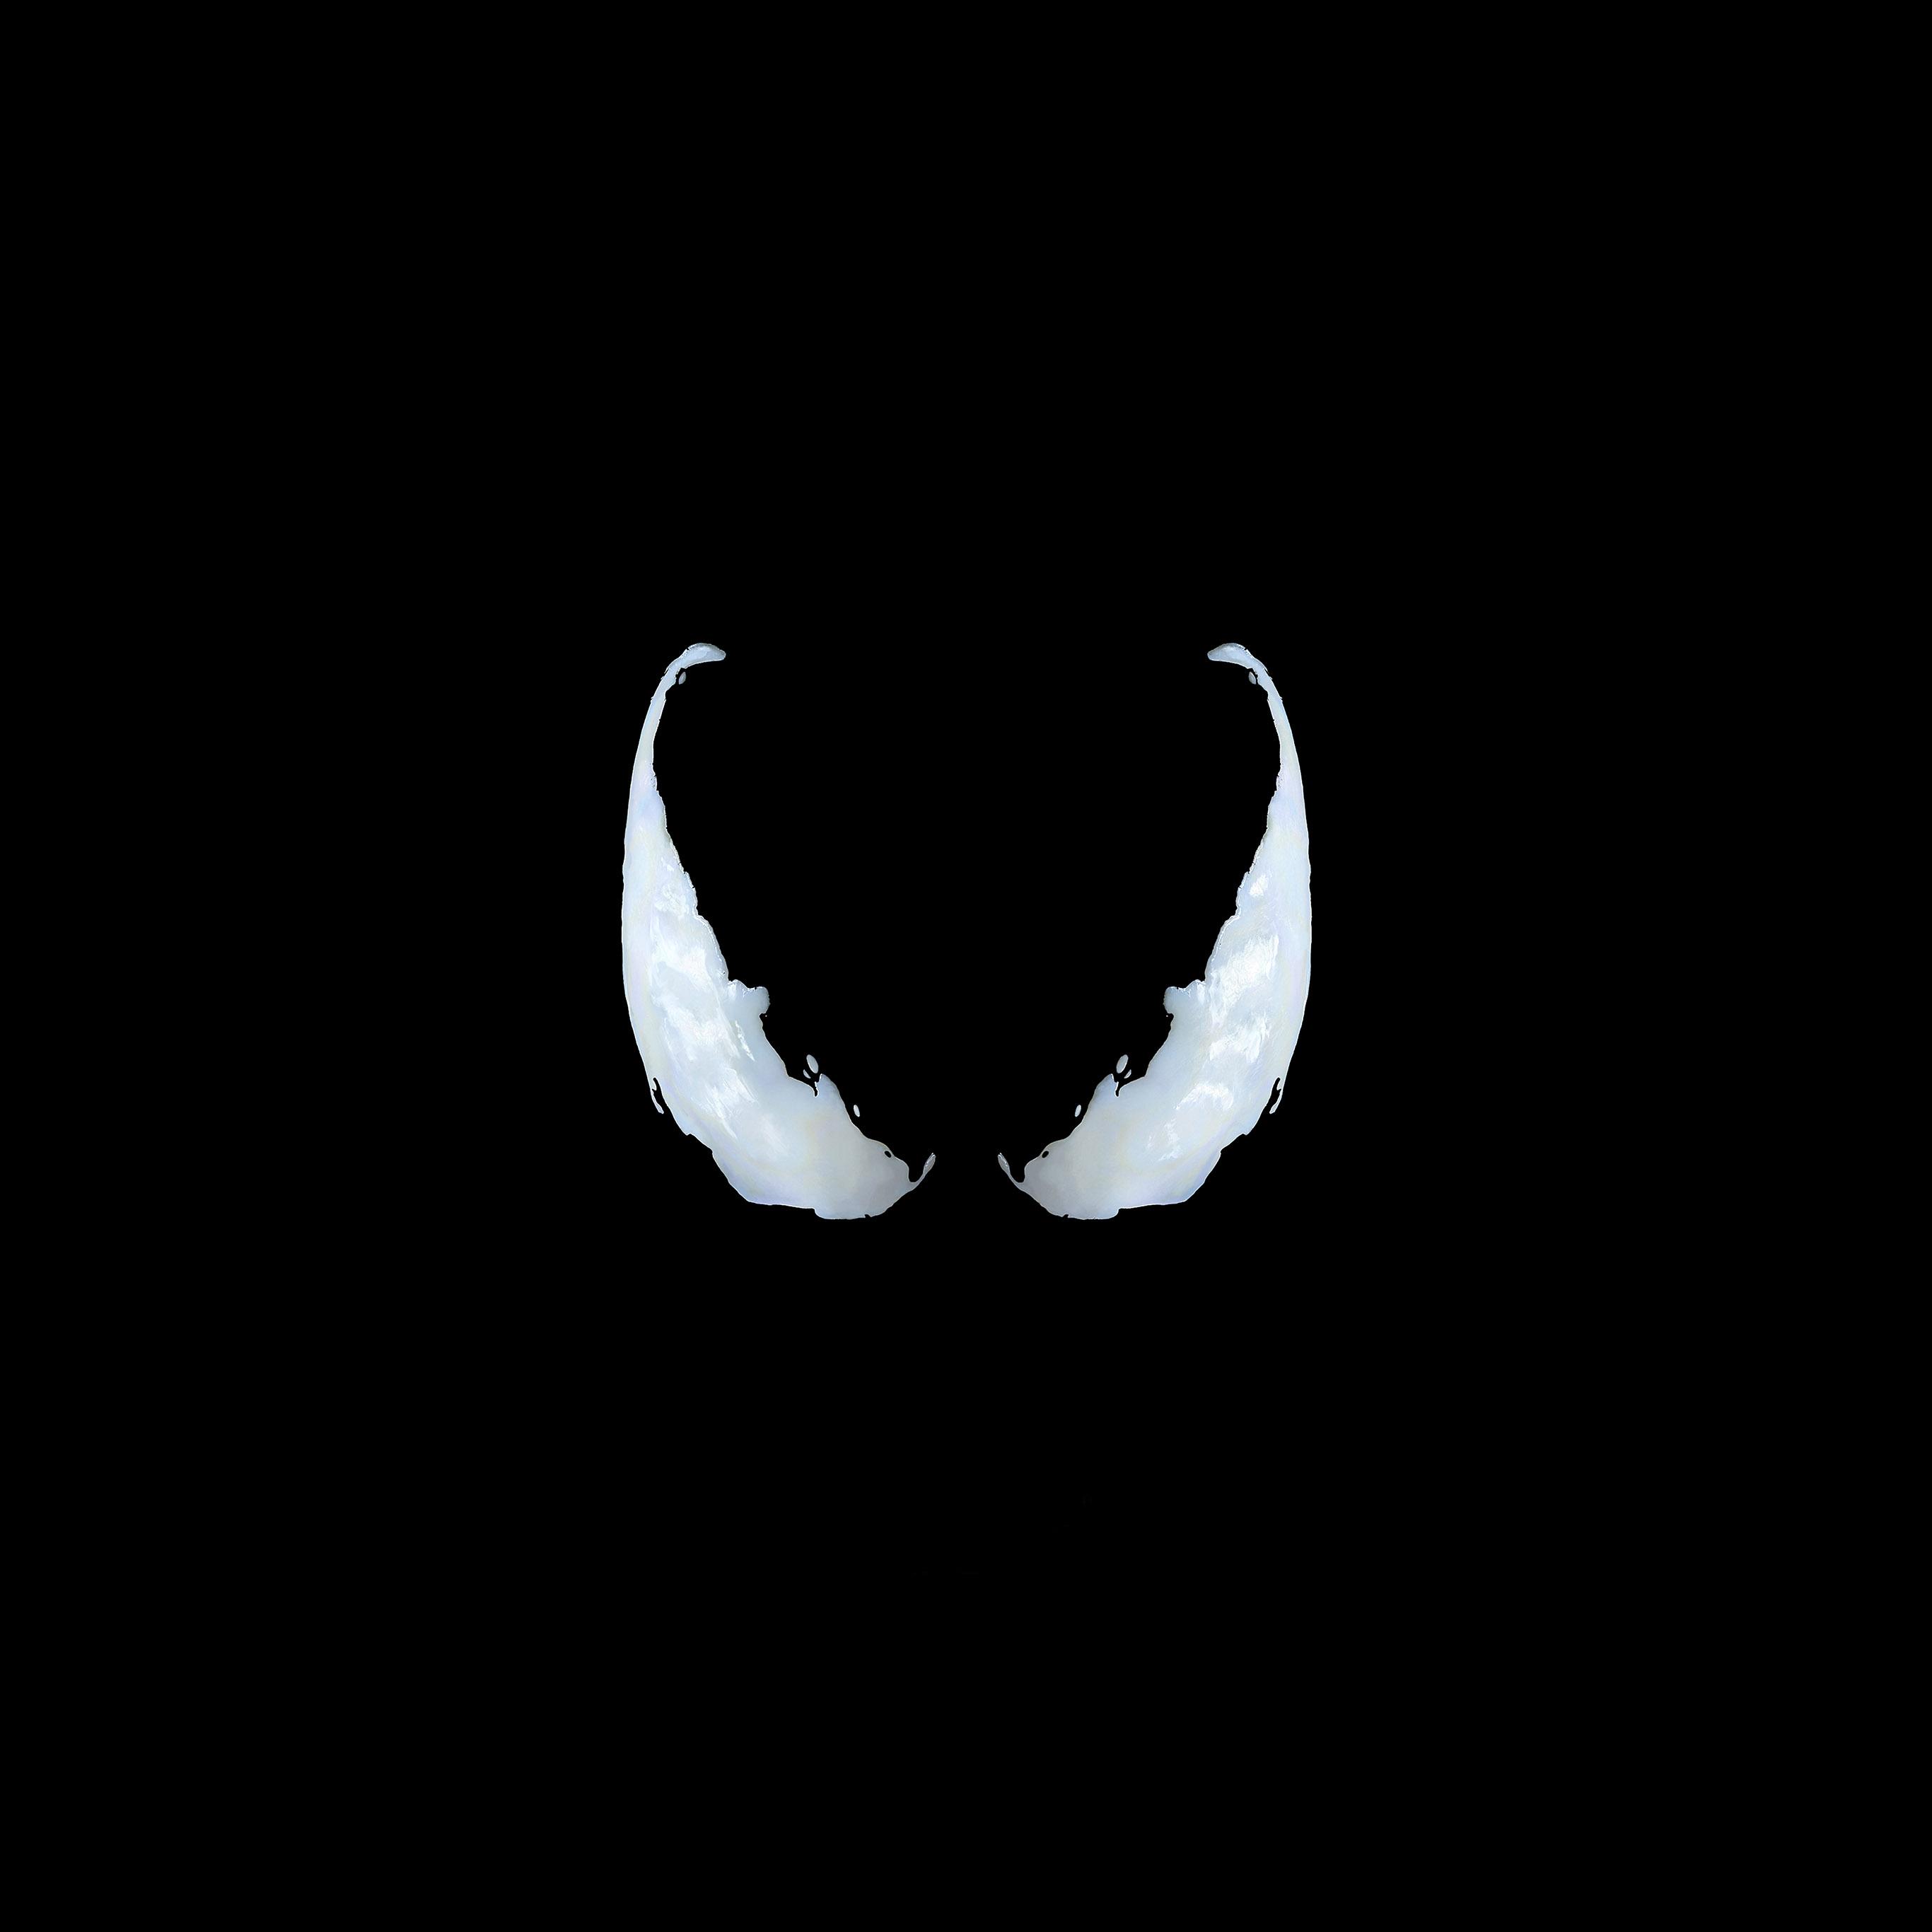 Venom Wallpapers: Bg50-marvel-venom-logo-dark-eye-art-simple-minimal-wallpaper